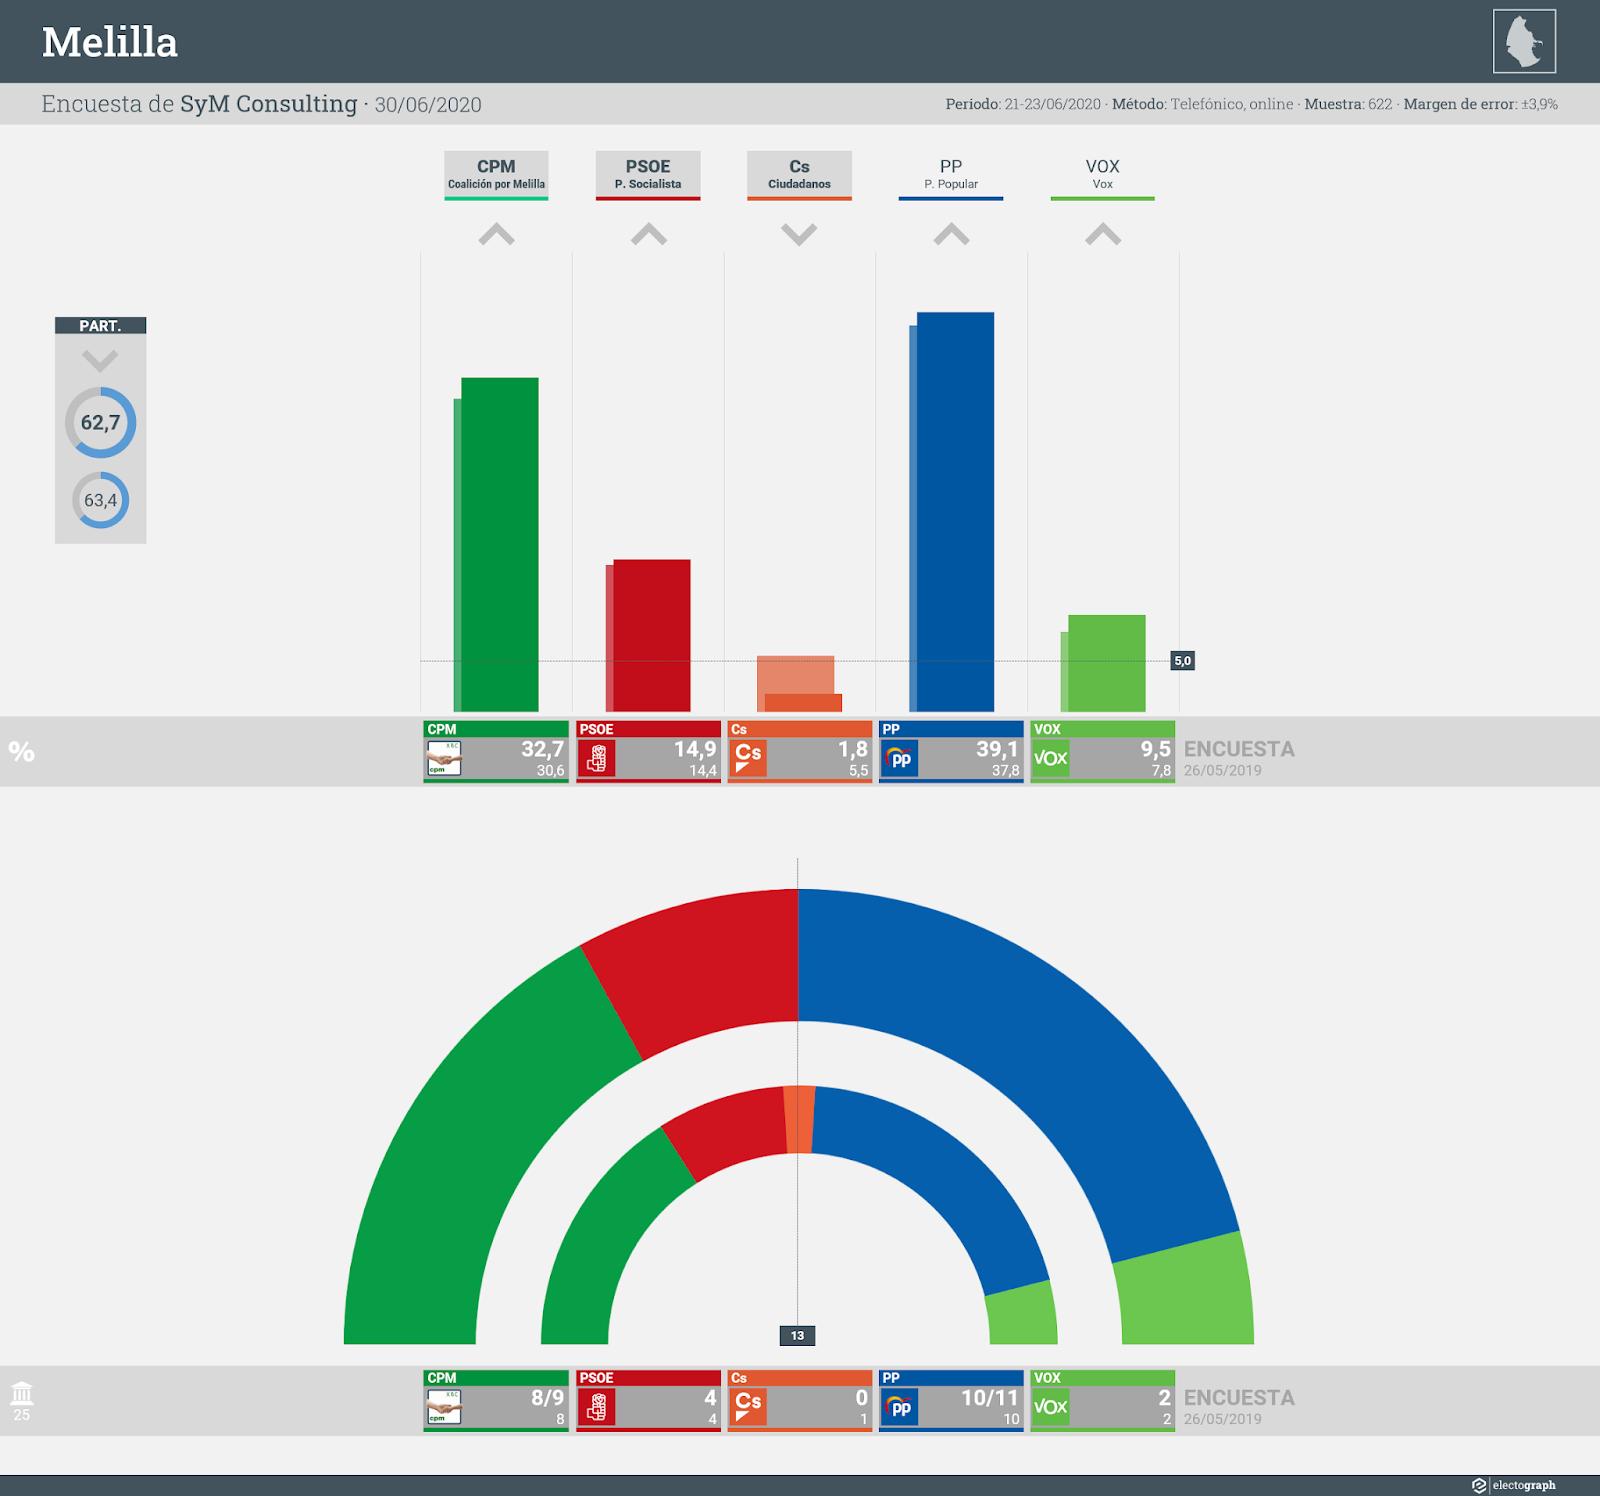 Gráfico de la encuesta para elecciones autonómicas en Melilla realizada por SyM Consulting, 30 de junio de 2020